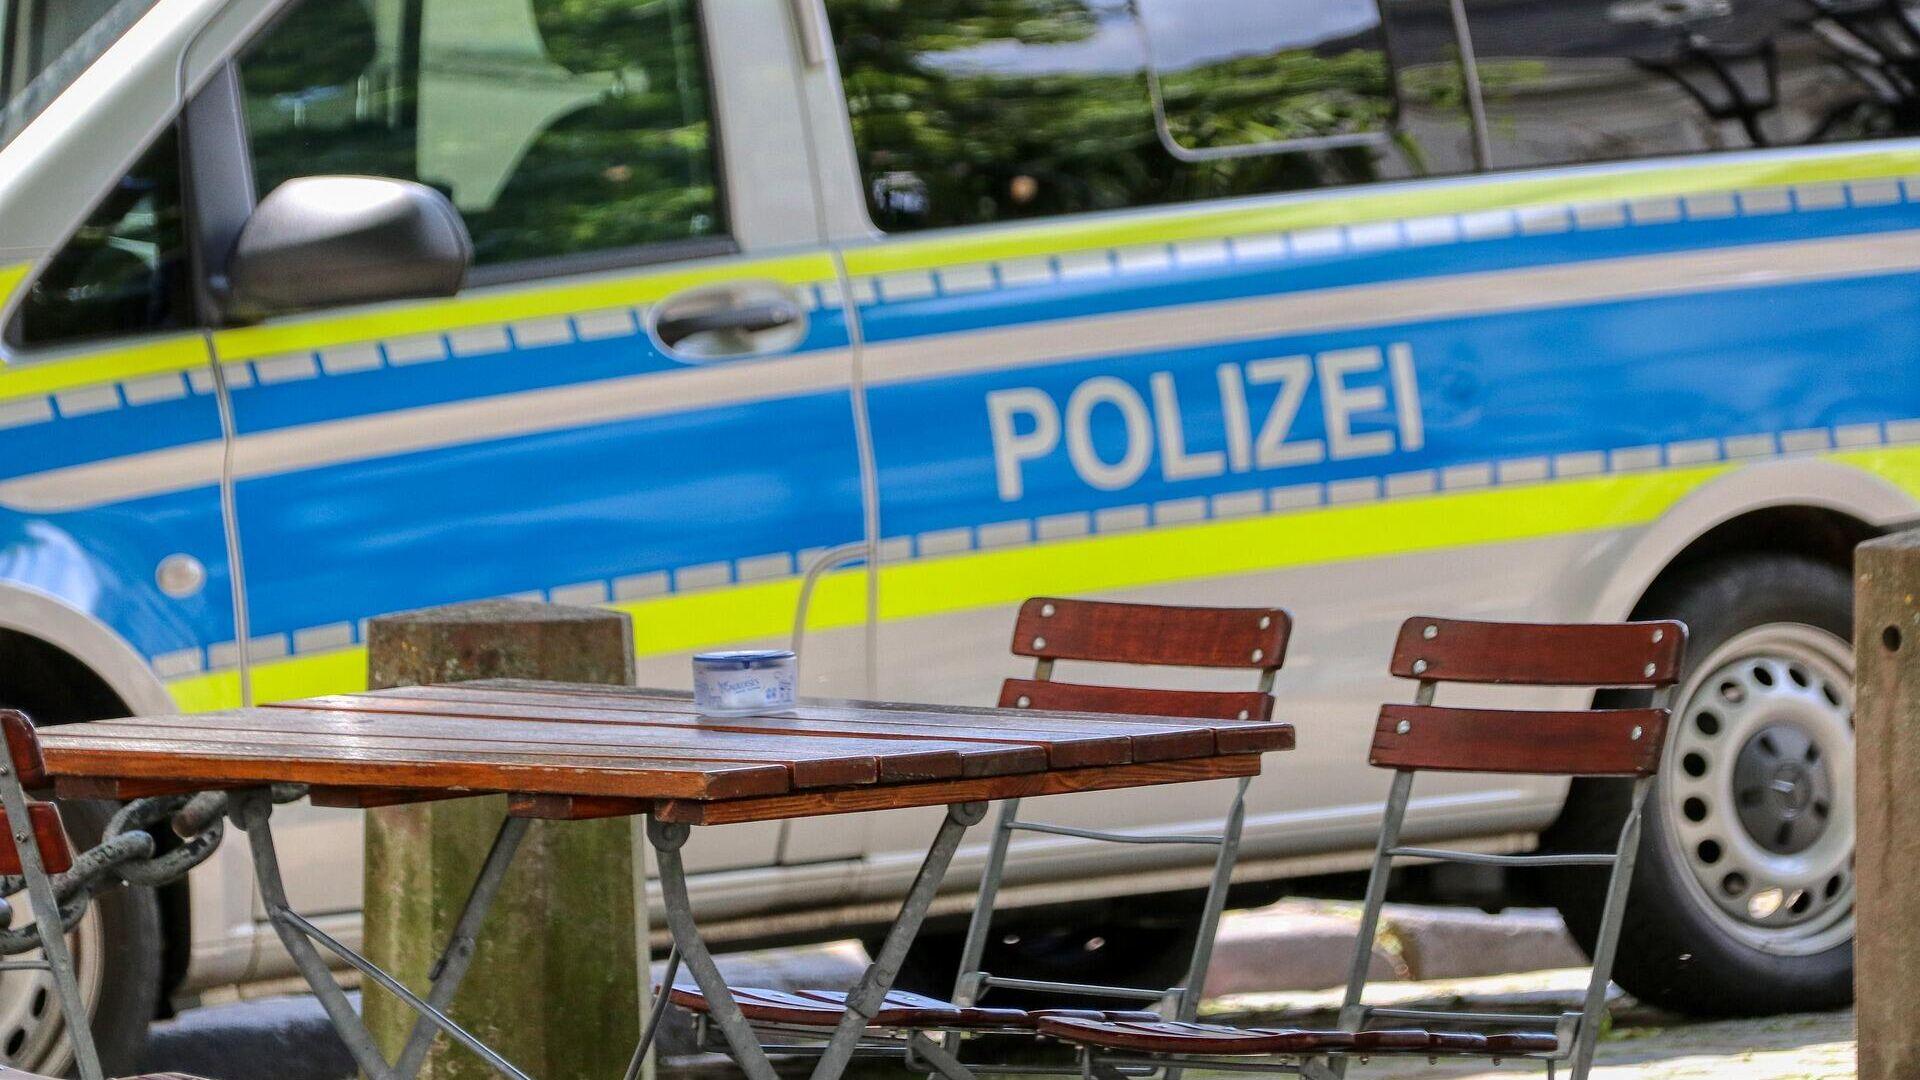 Einsatz der deutschen Polizei (Symbolbild) - SNA, 1920, 18.07.2021